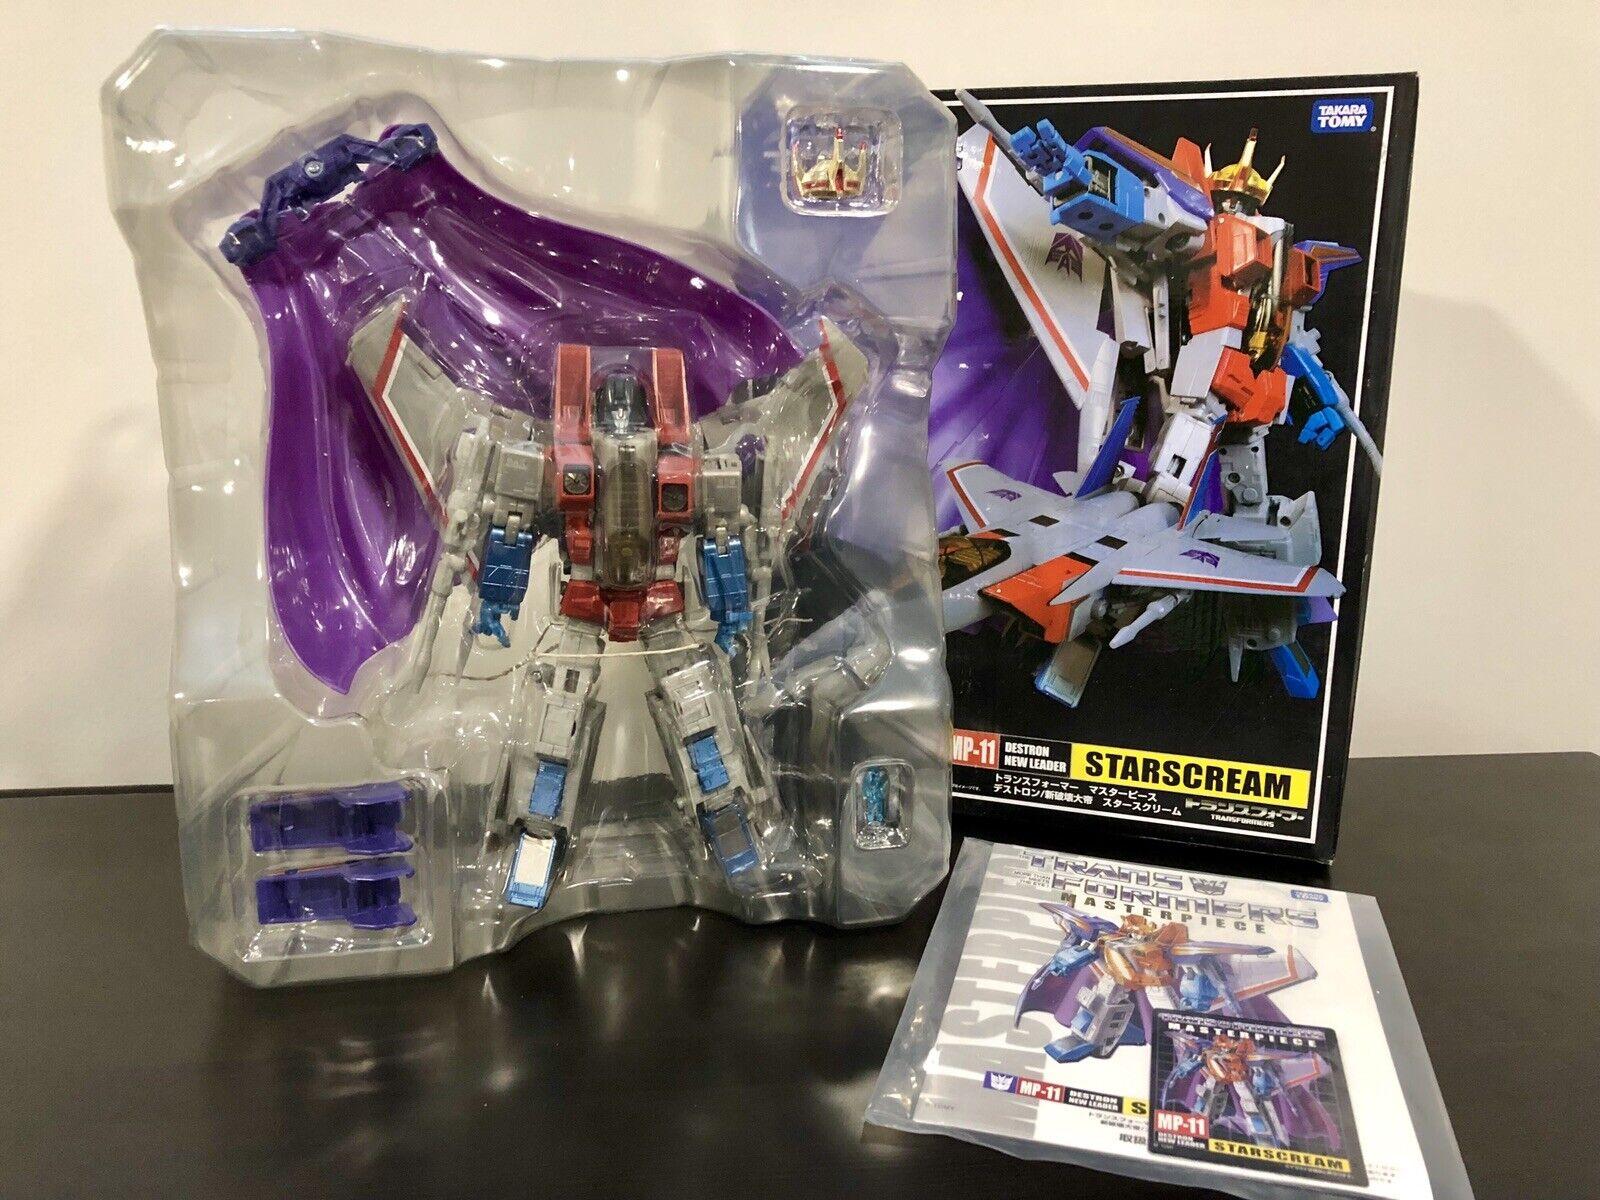 precios ultra bajos Transformers MP-11 Estrellascream obra maestra maestra maestra nos   Vendedor Nuevo  precios mas baratos